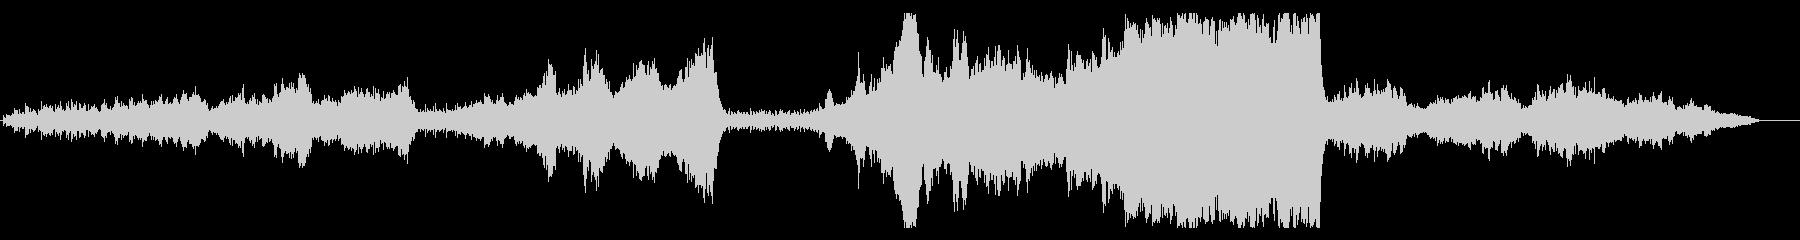 大自然壮大オーケストラ per pno無の未再生の波形